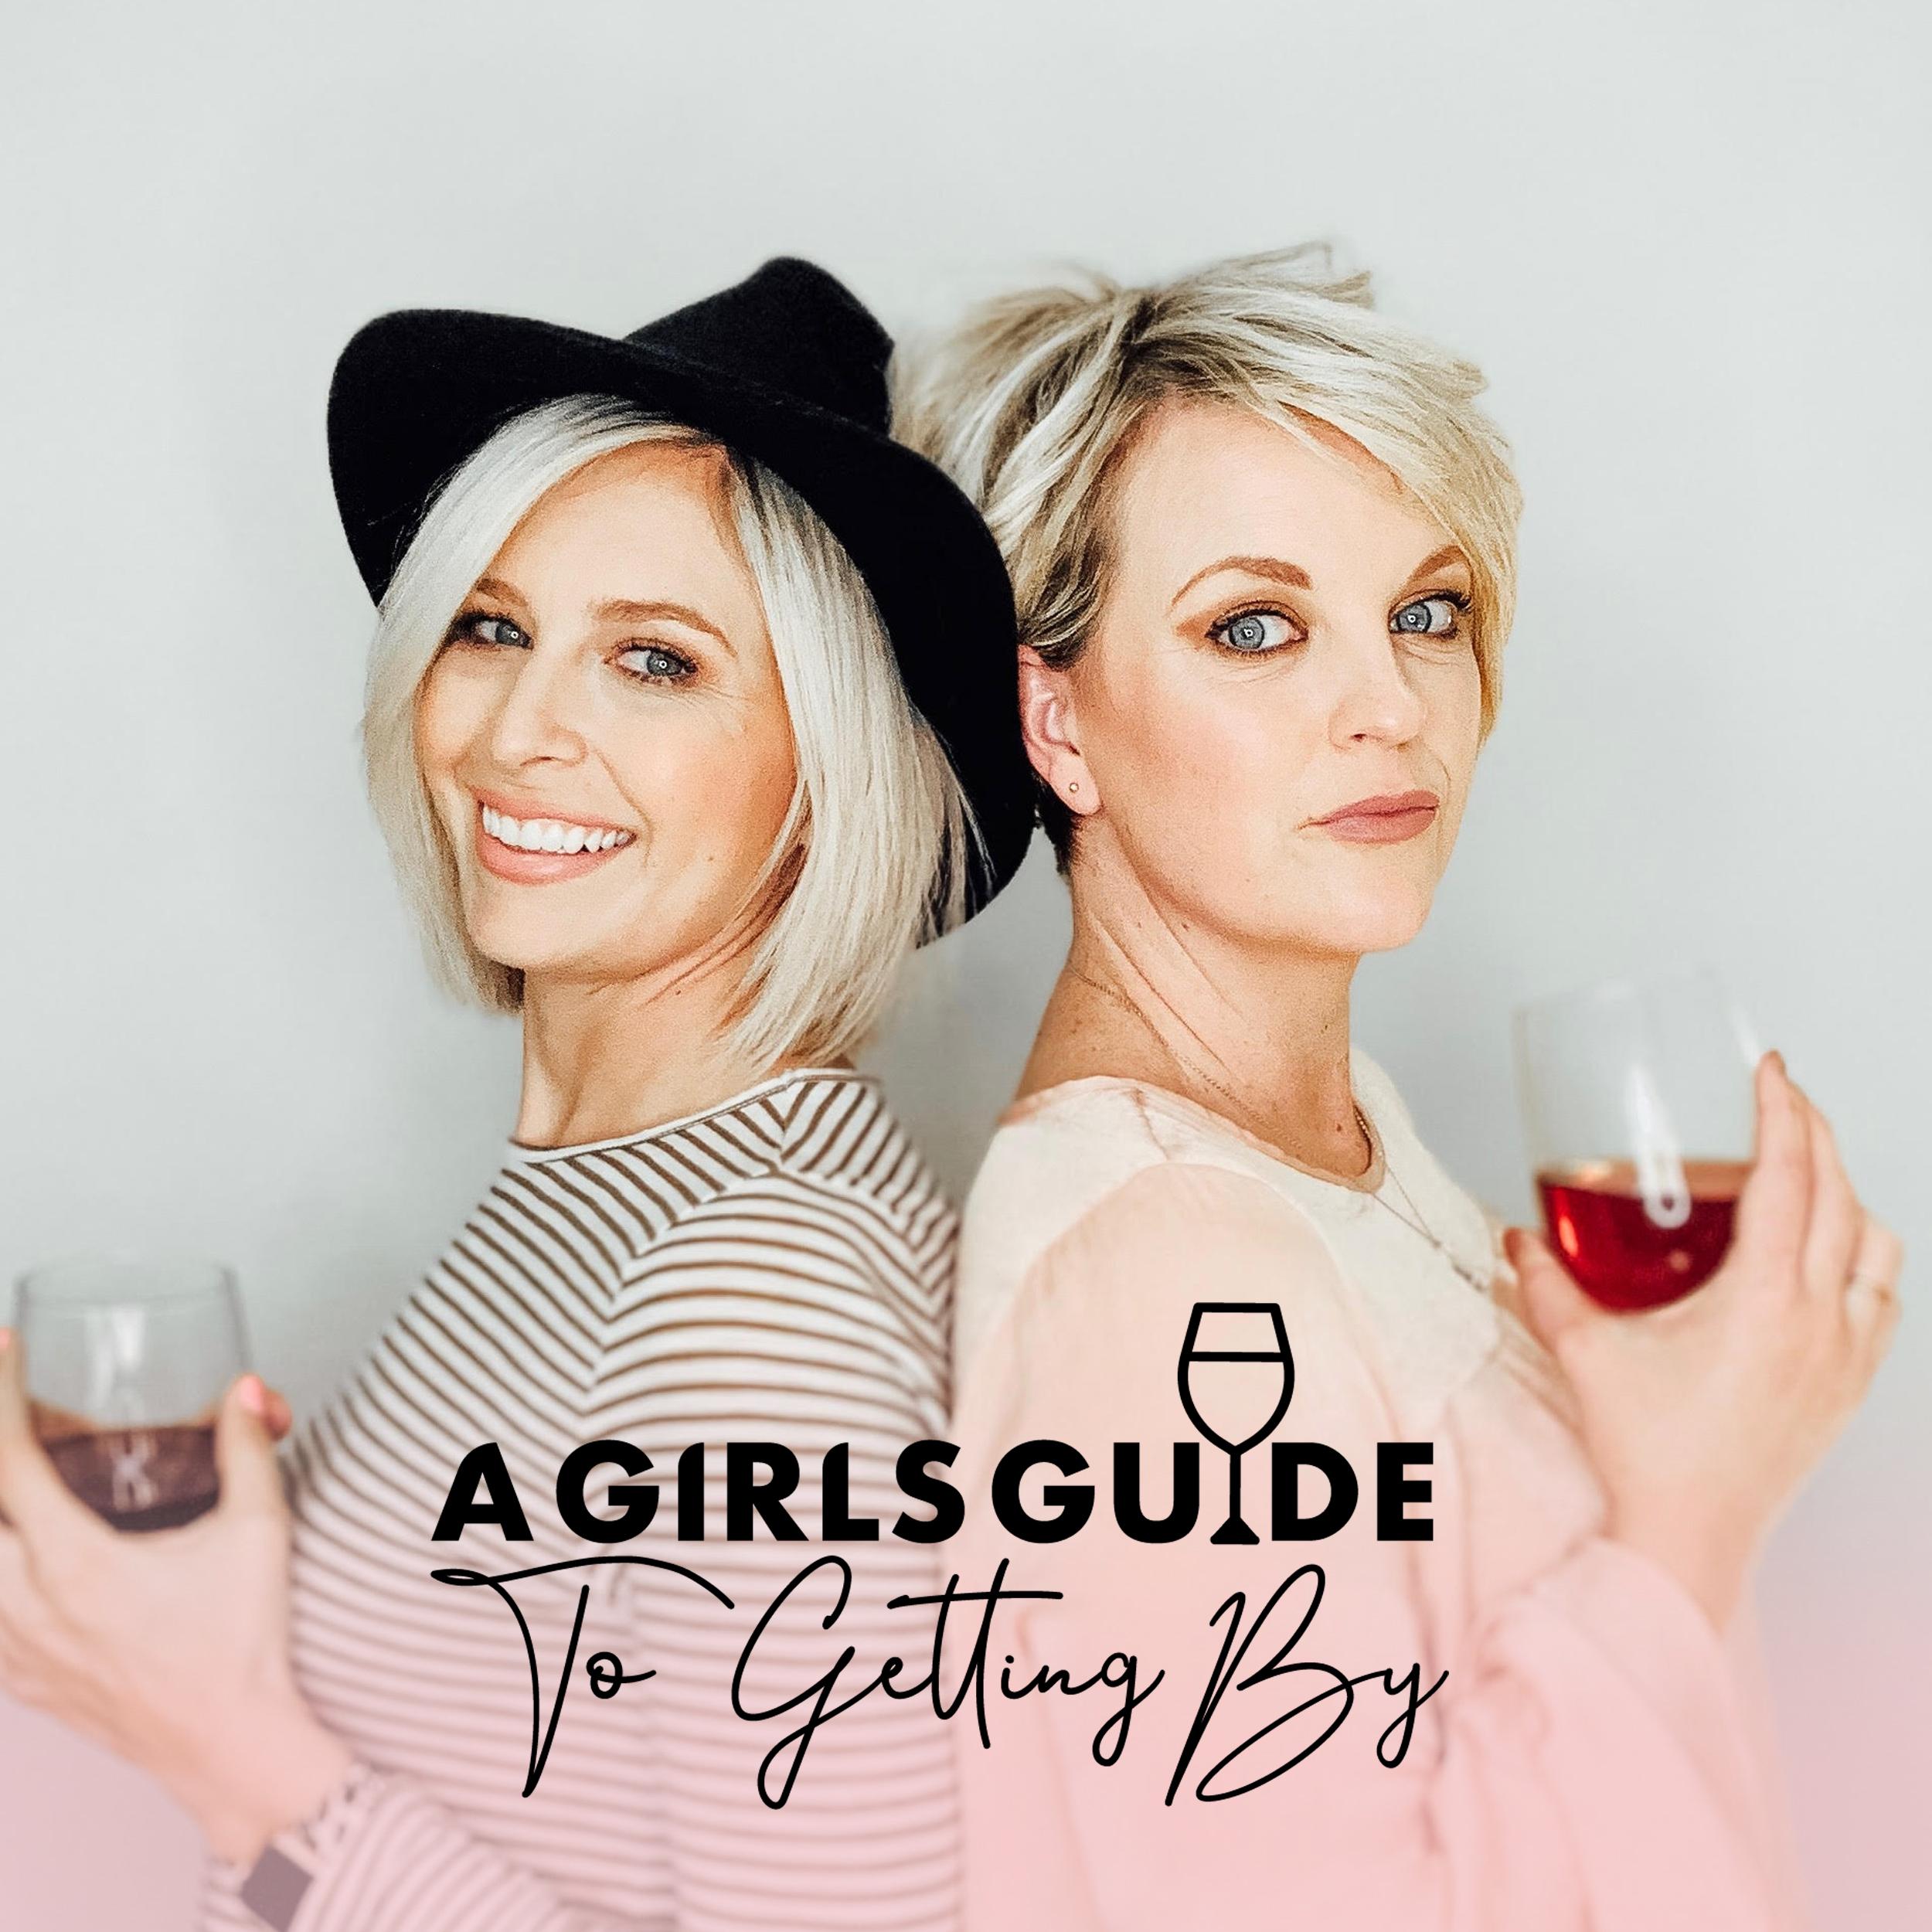 AGirlsGuide_PodcastArt2.jpg